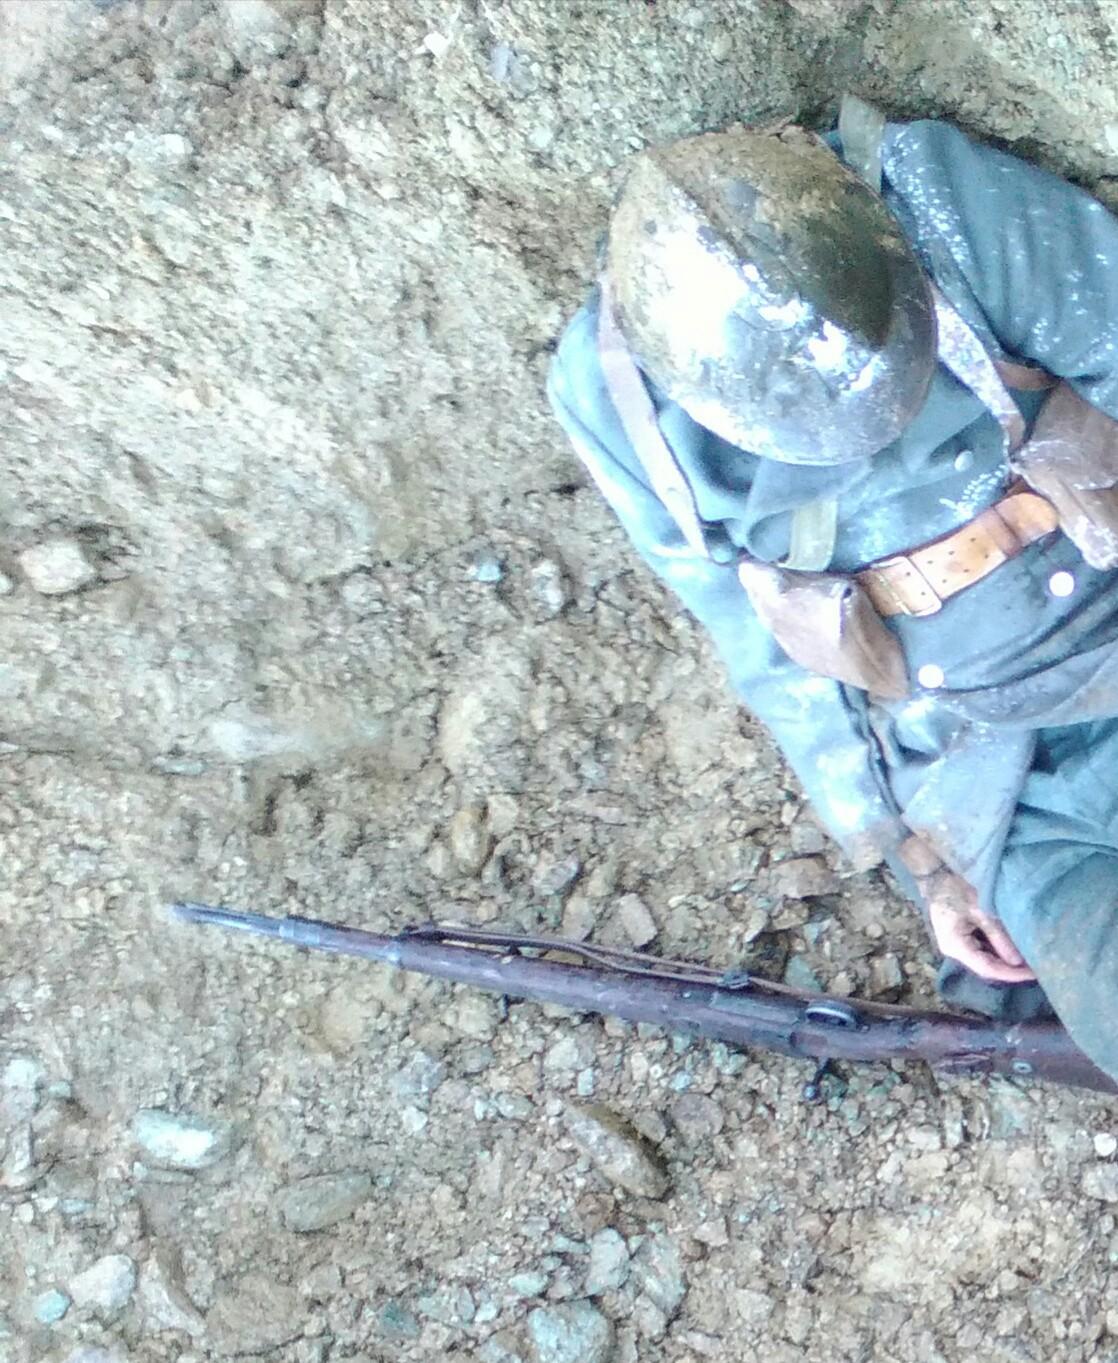 Morto nel fango